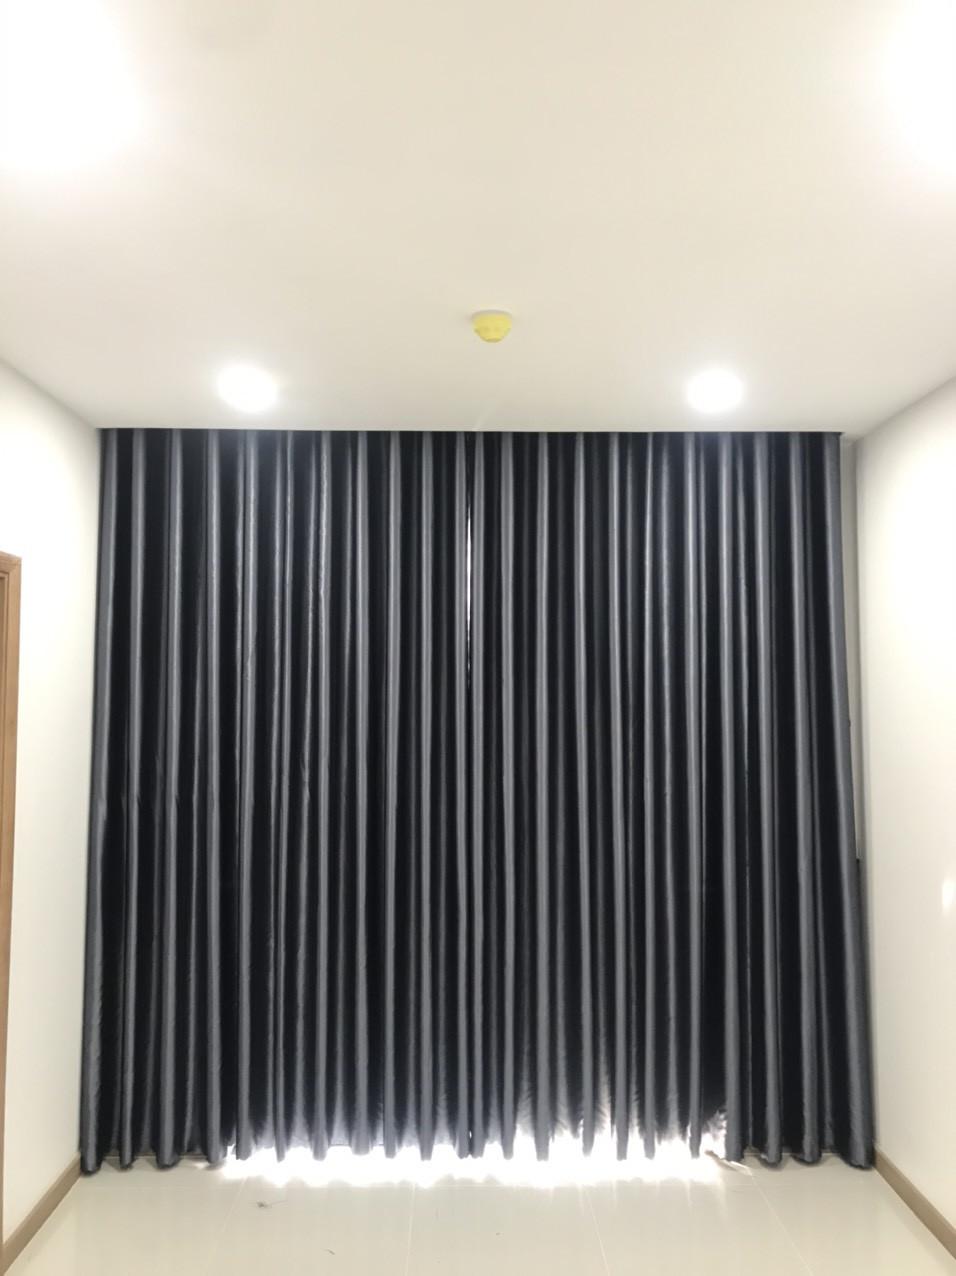 Rèm cửa chống nắng - Màu Vàng Nhạt Sọc Thẳng